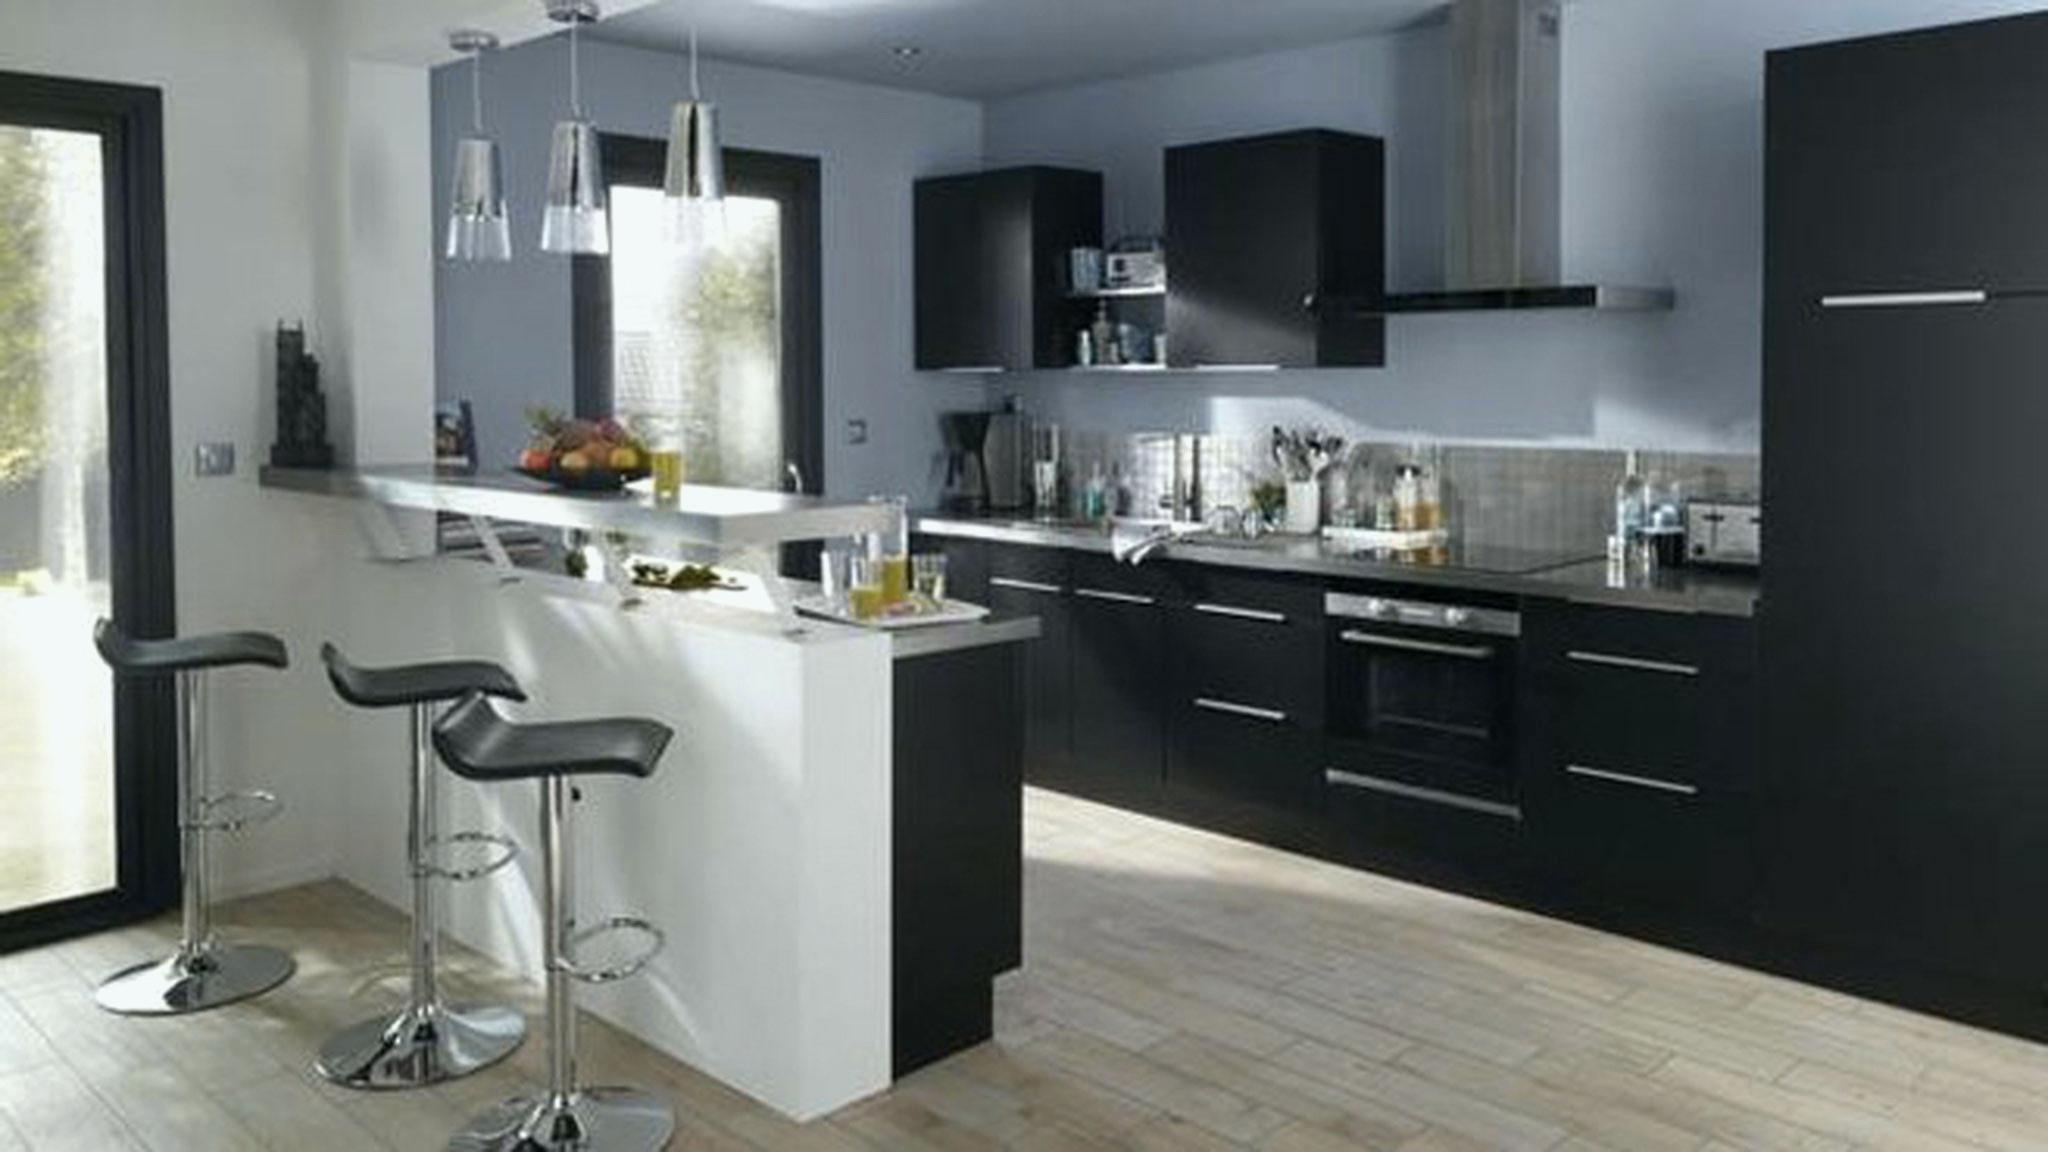 Poser Fileur Cuisine Castorama Impressionnant Photos Exemple Devis Cuisine Equipee Frais 25 Luxe Pose Cuisine Ikea Metod